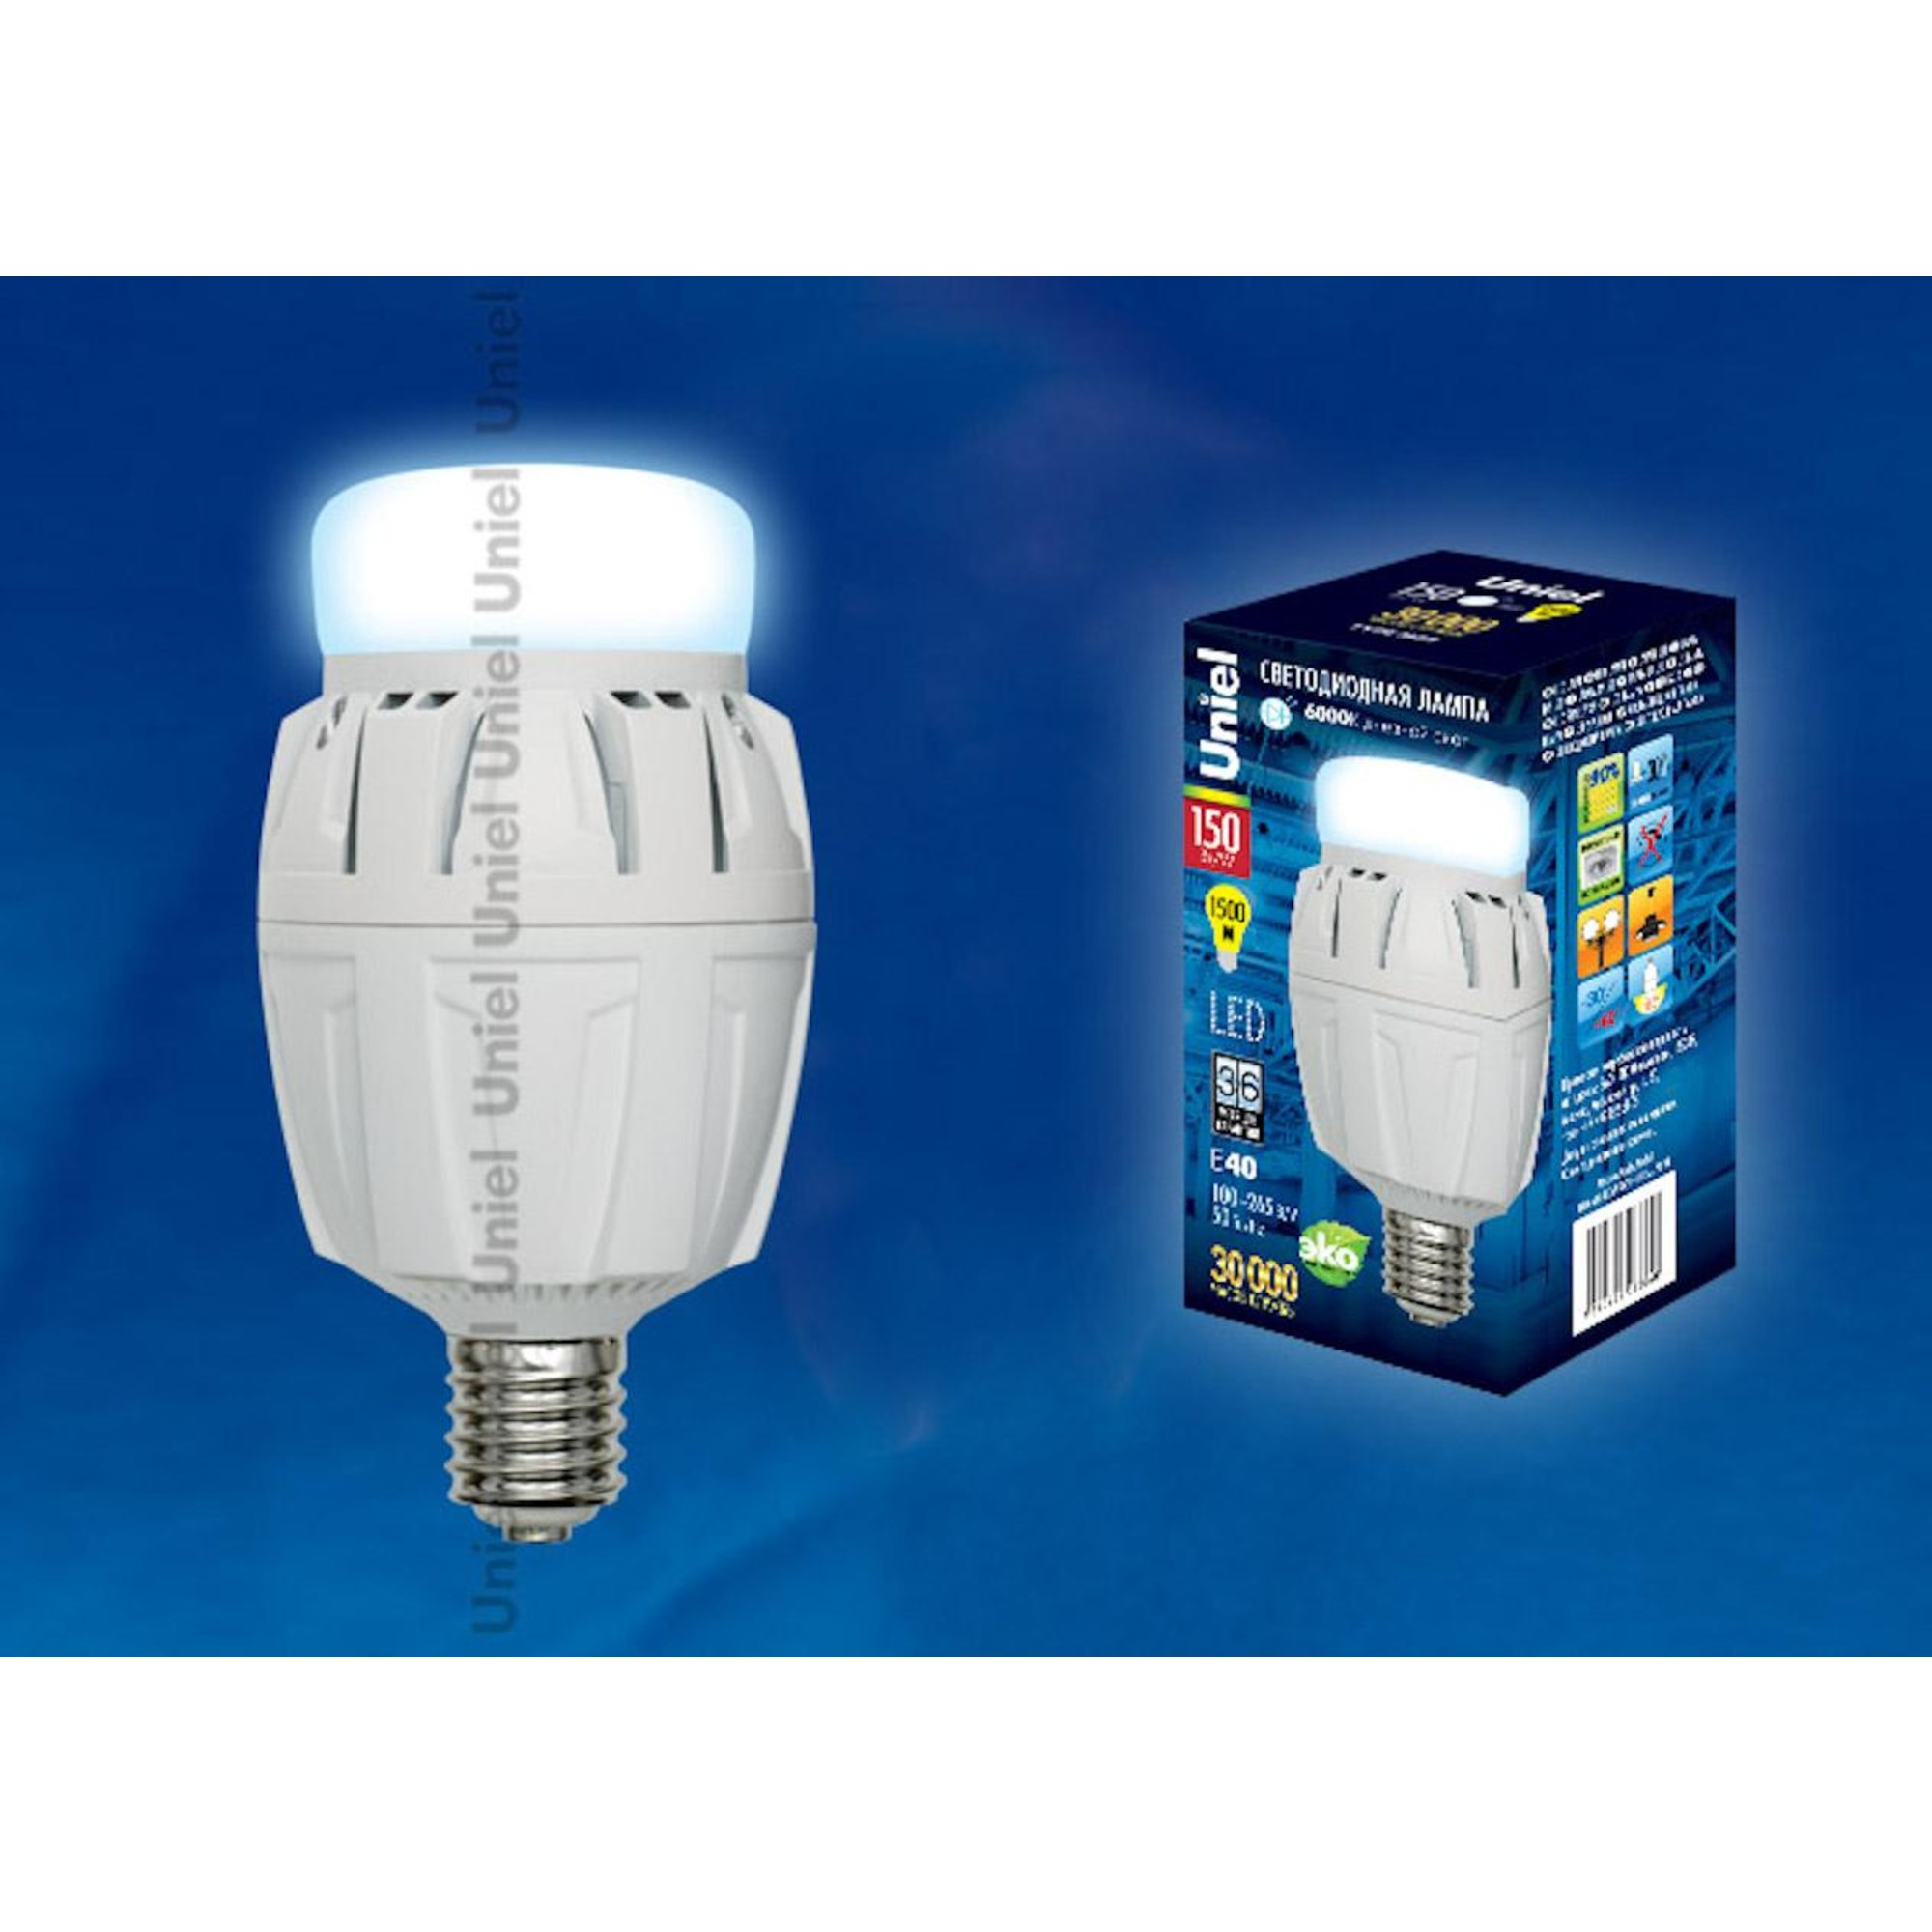 Лампа Volpe светодиодная E40 150 Вт дневной свет